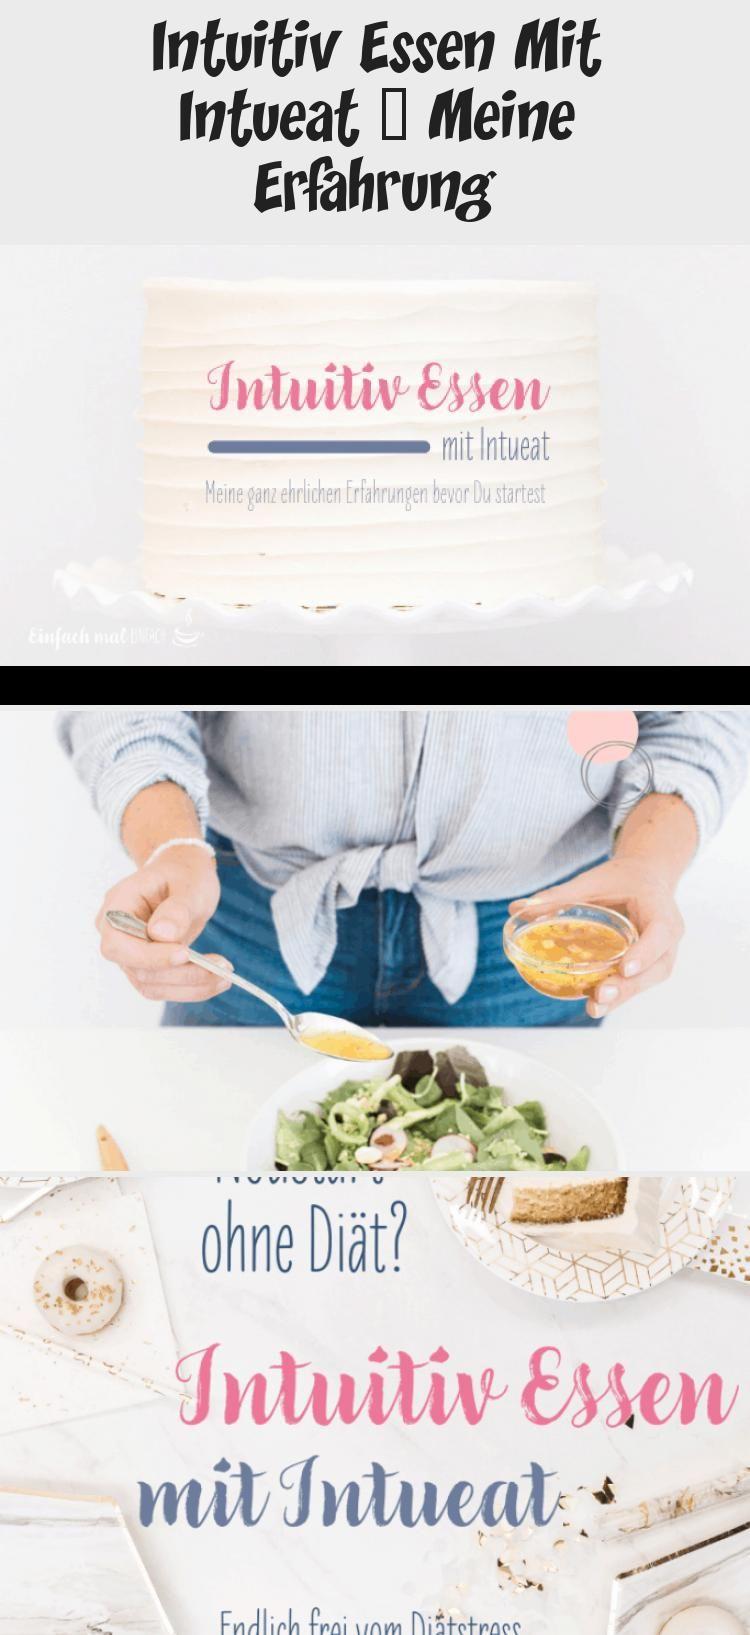 Intuitiv Essen Und Abnehmen Geht Das Mit Intueat Nutze Meine